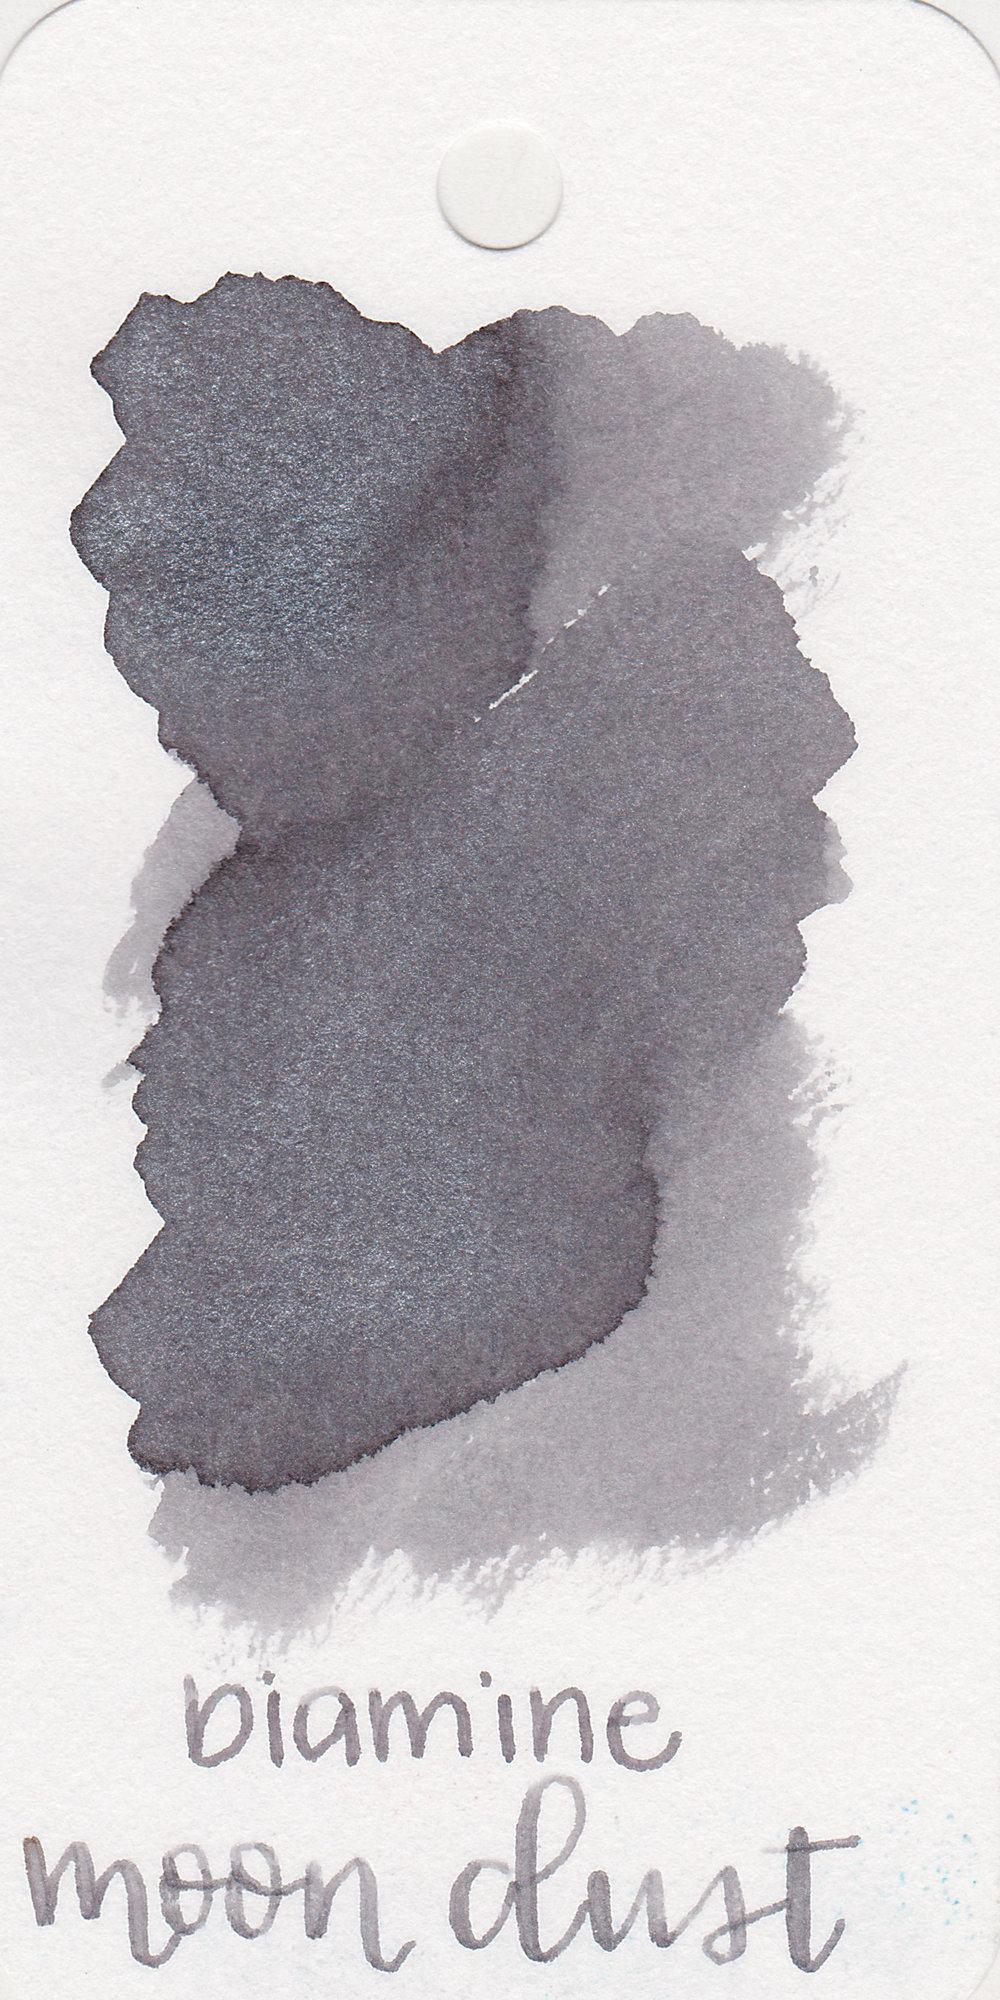 d-moon-dust-1.jpg